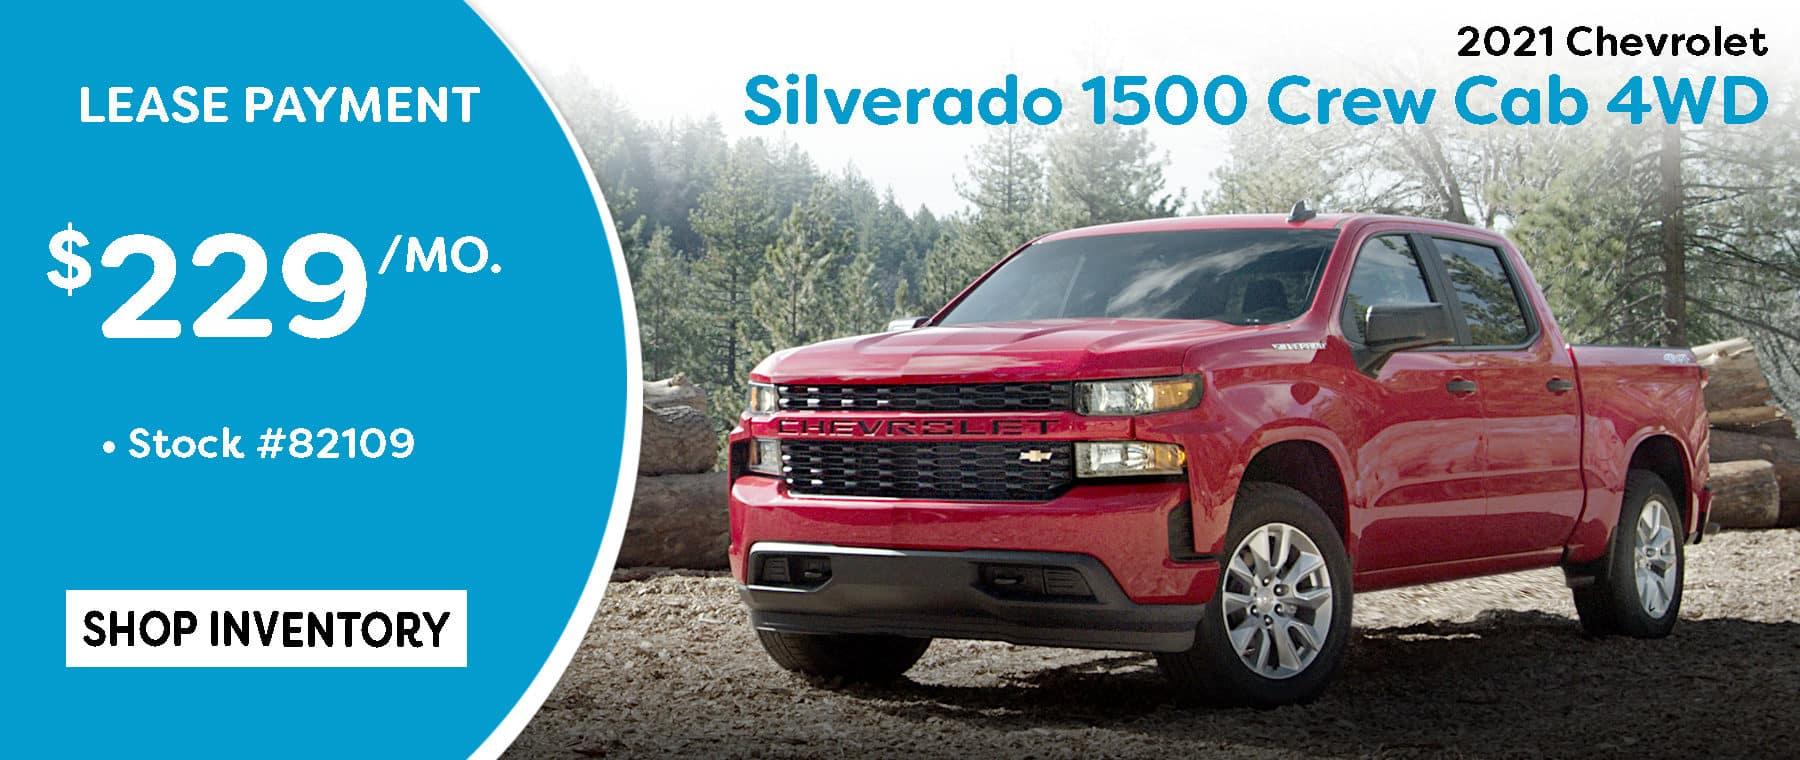 September 2021 Silverado Lease Offer $229/mo*